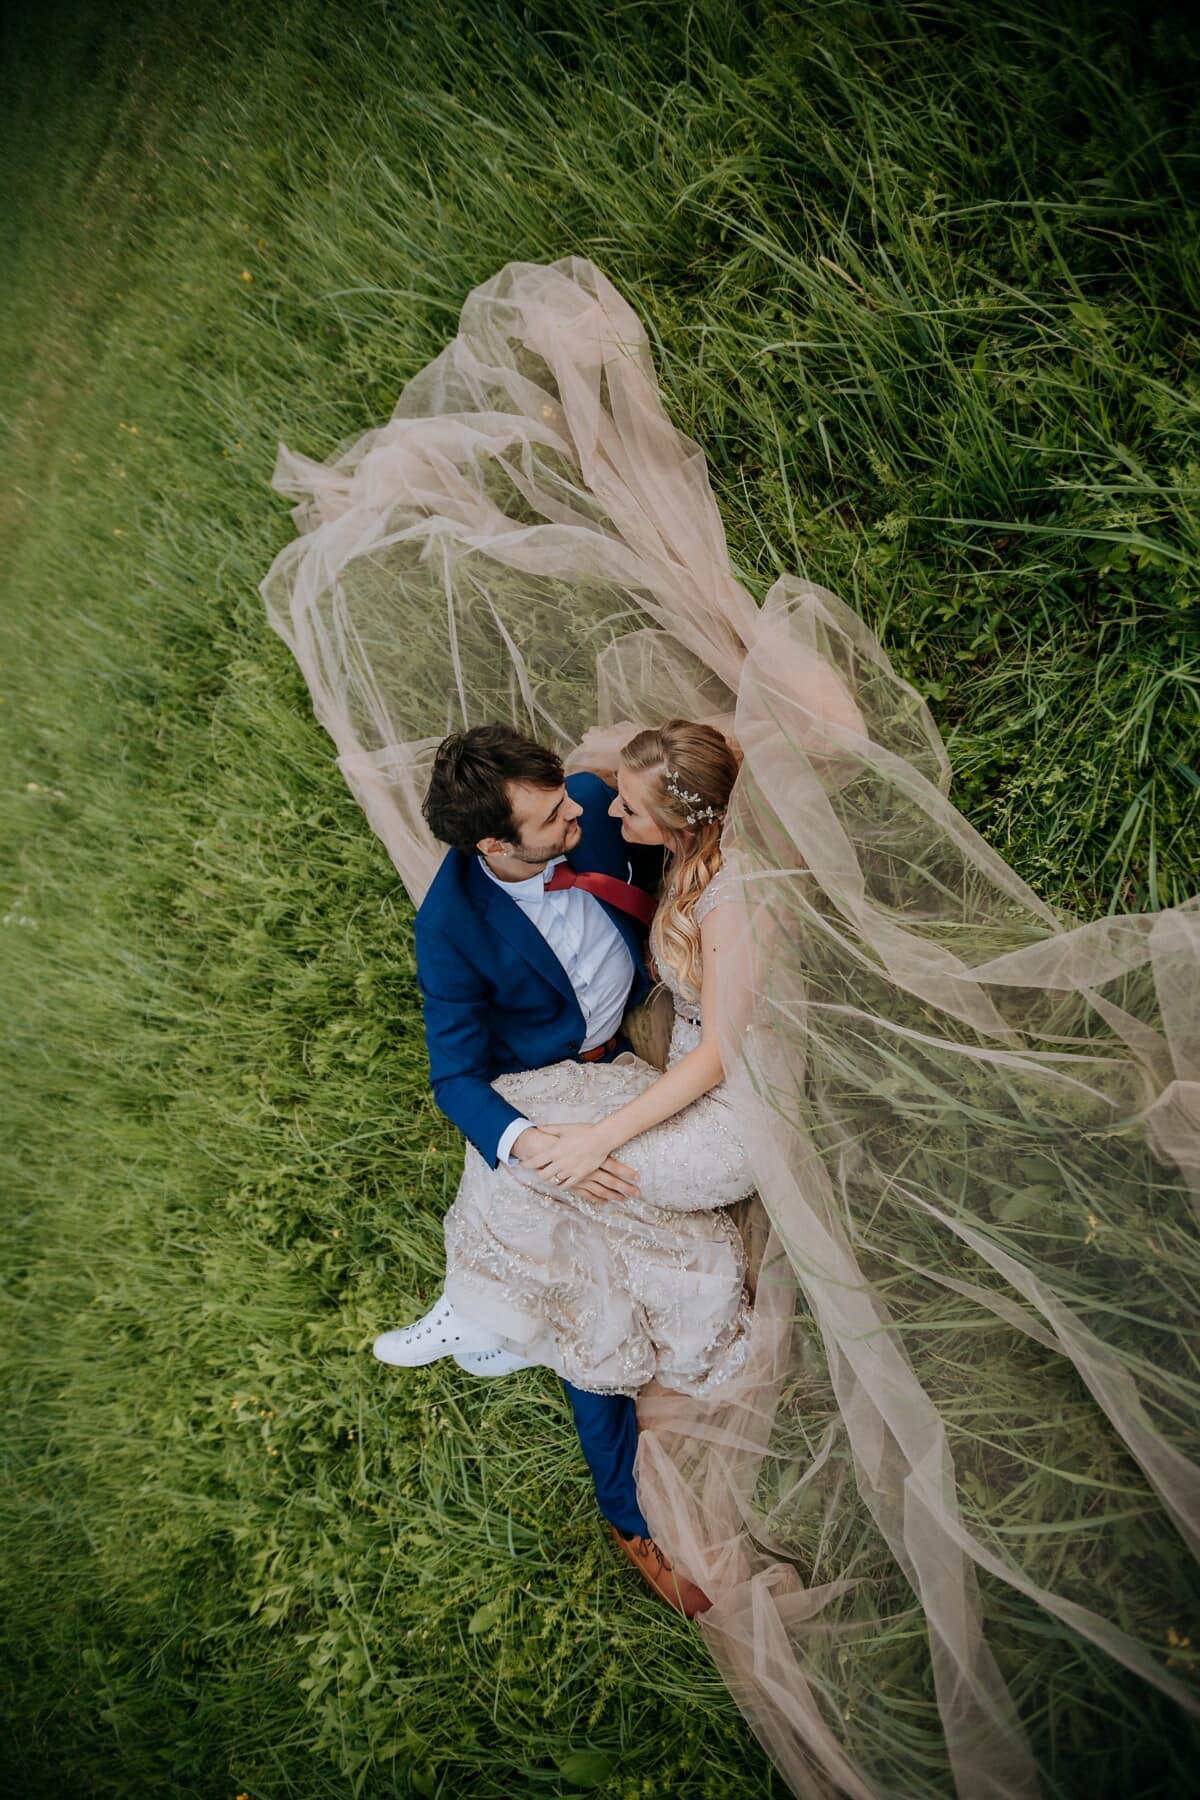 Jungvermählten, Verlegung, Gras, romantische, Liebe, Liebesbeziehung, Hochzeit, Braut, Frau, Mädchen